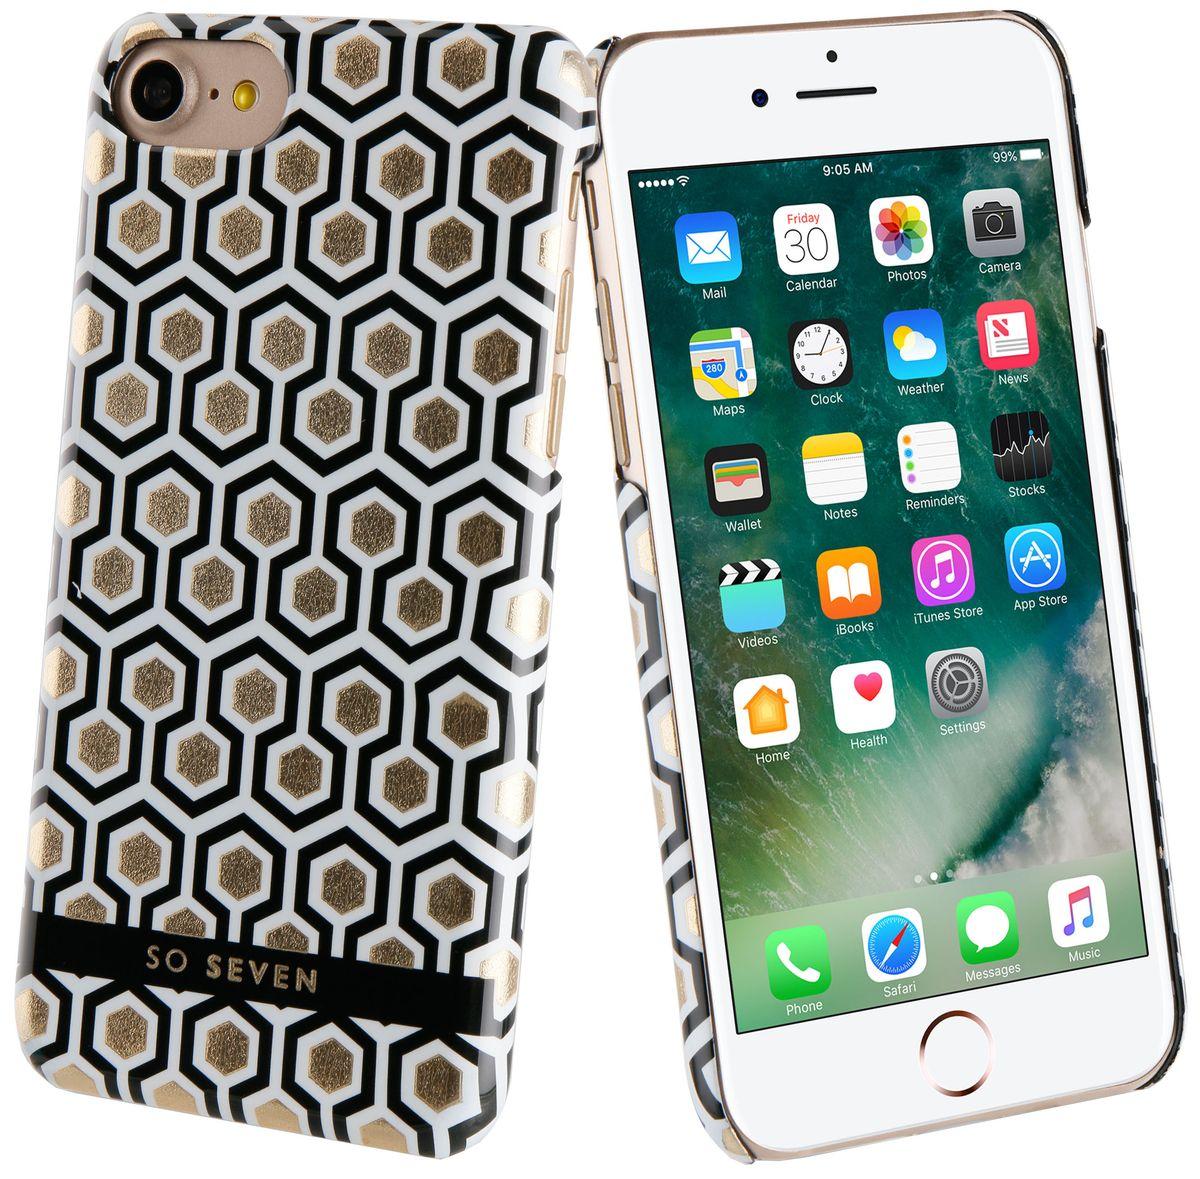 So Seven Midnight Hexagnale чехол для Apple iPhone 7SVNCSMN1IP7Чехол-накладка изготовлен из жесткого поликарбоната, который выдерживает большие нагрузки, не допуская повреждения устройства. Рисунок нанесен с помощью современной методики ультрафиолетовой печати, благодаря чему он не выцветает и не теряет четких очертаний со временем.